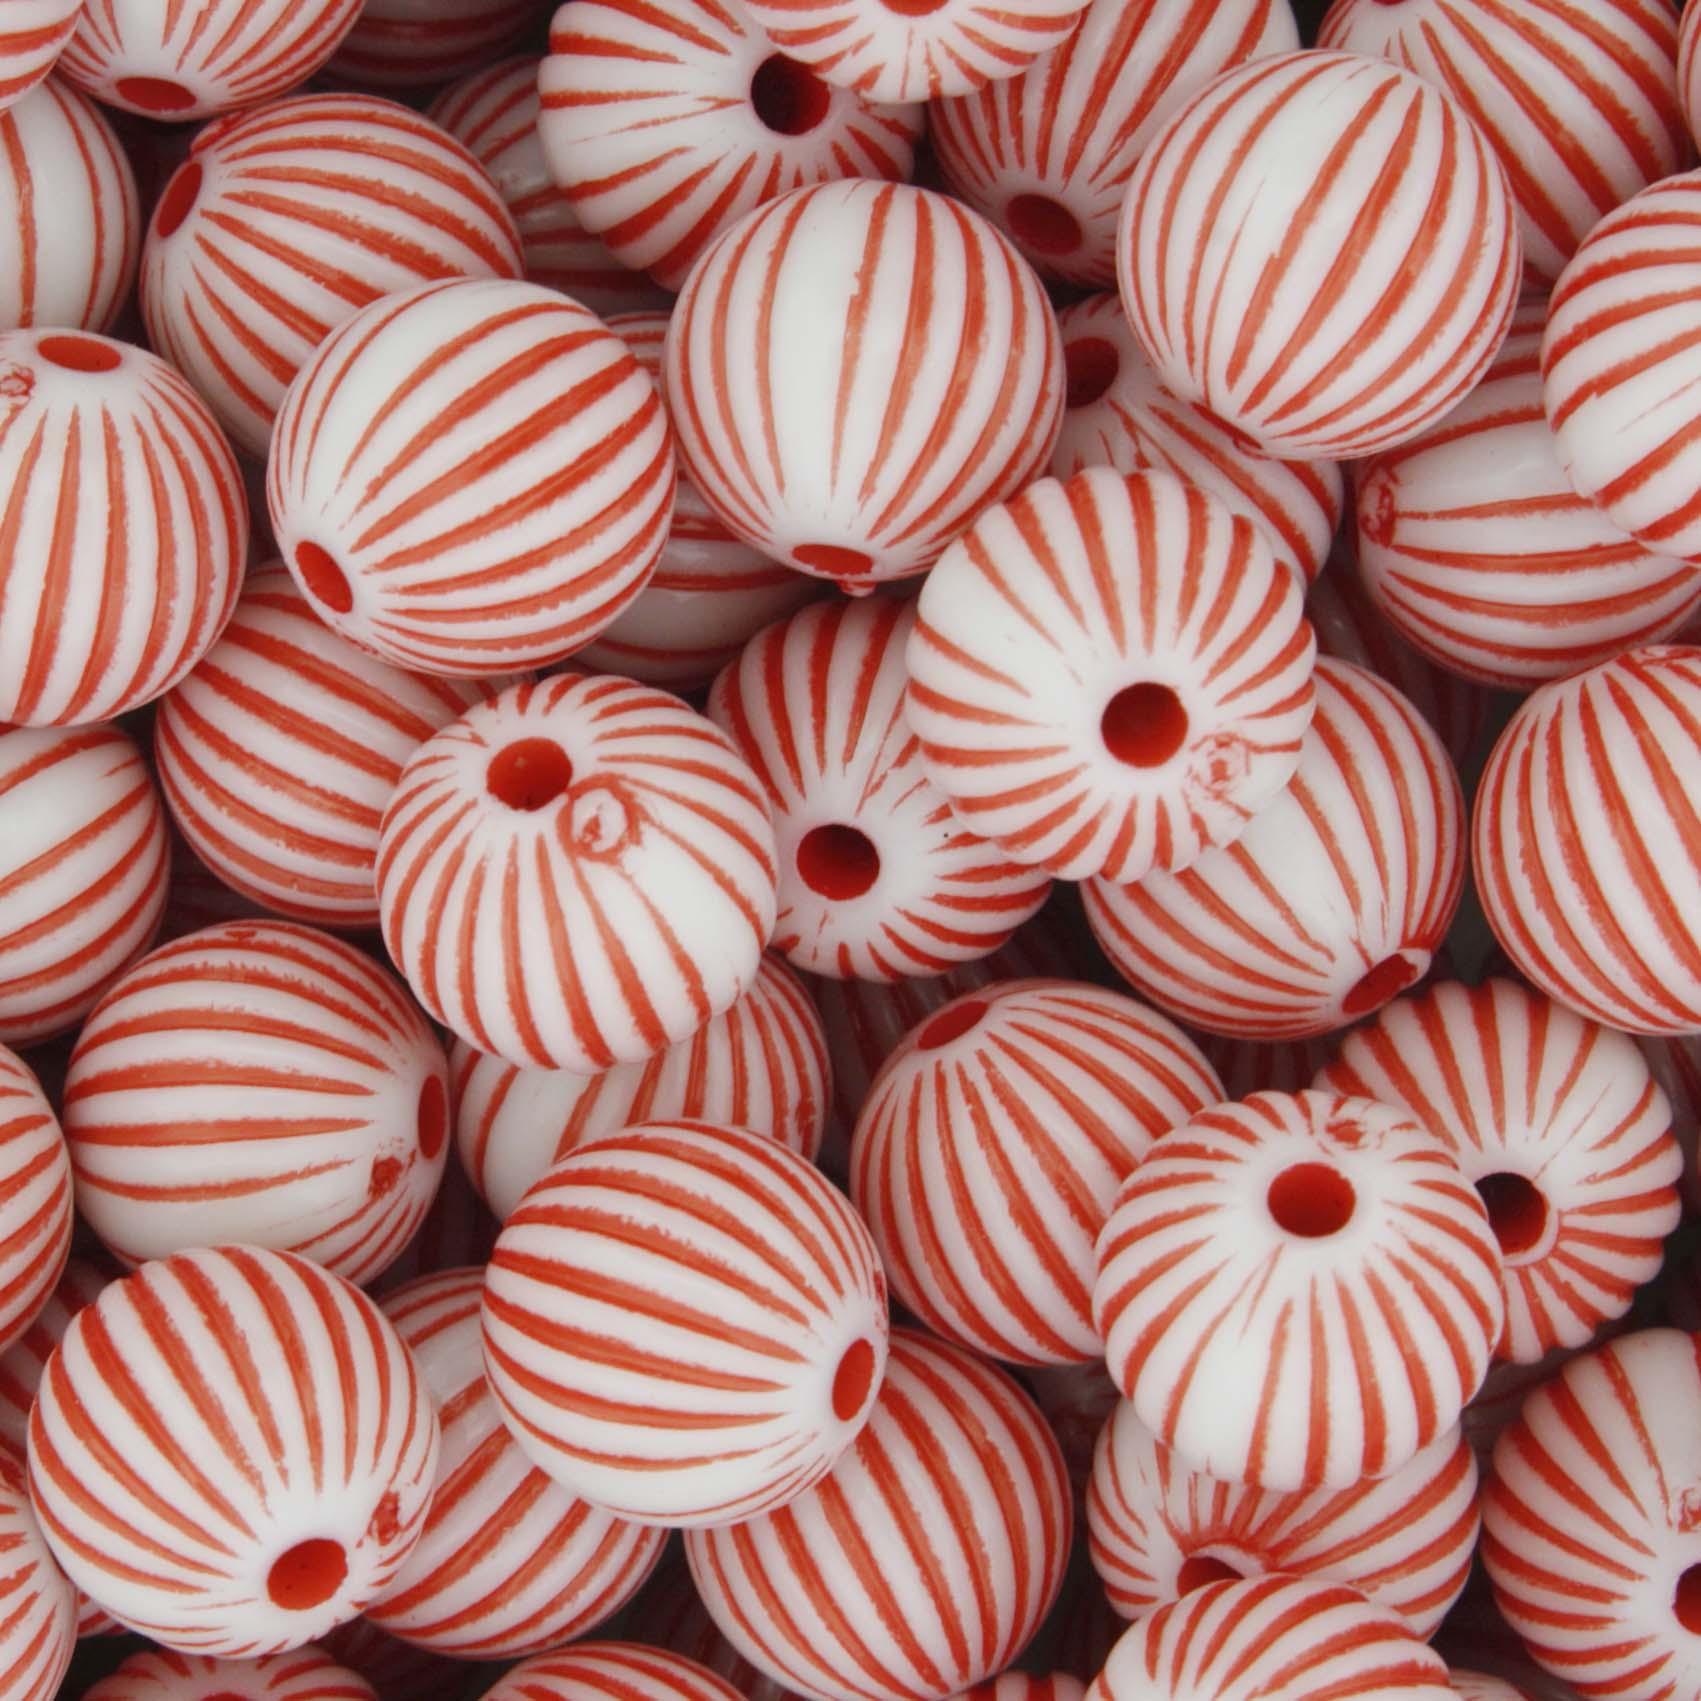 Miçanga Pesca - Sorocaba Branca e Vermelha  - Stéphanie Bijoux® - Peças para Bijuterias e Artesanato